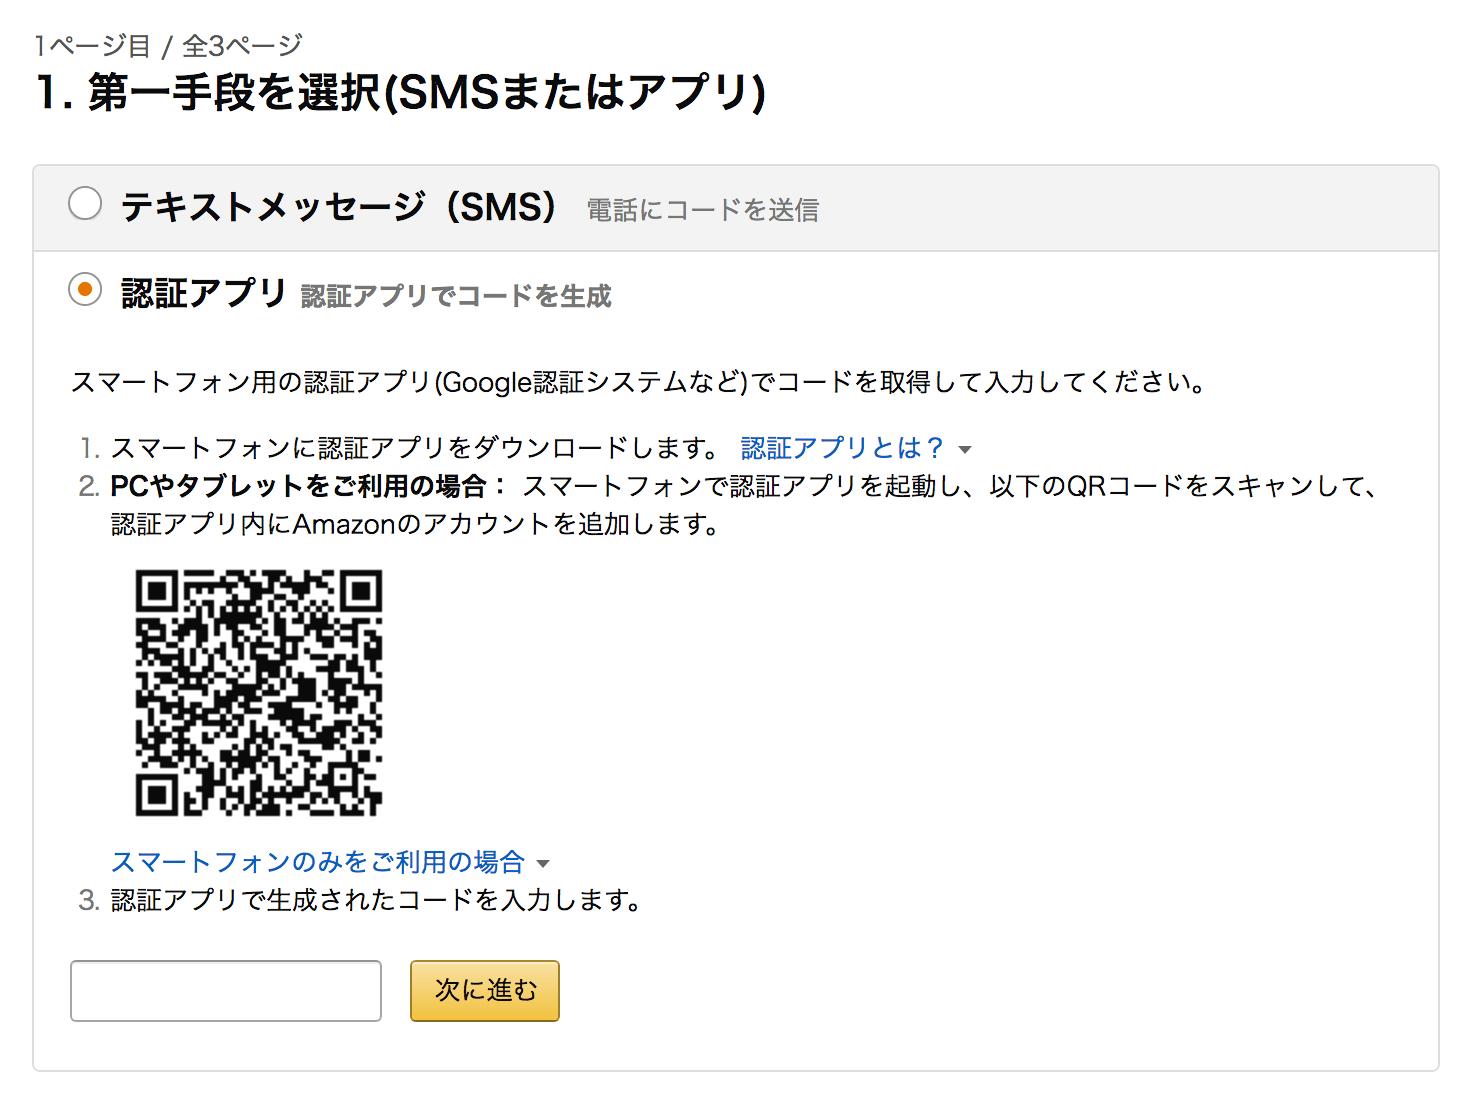 Amazon二段階認証2